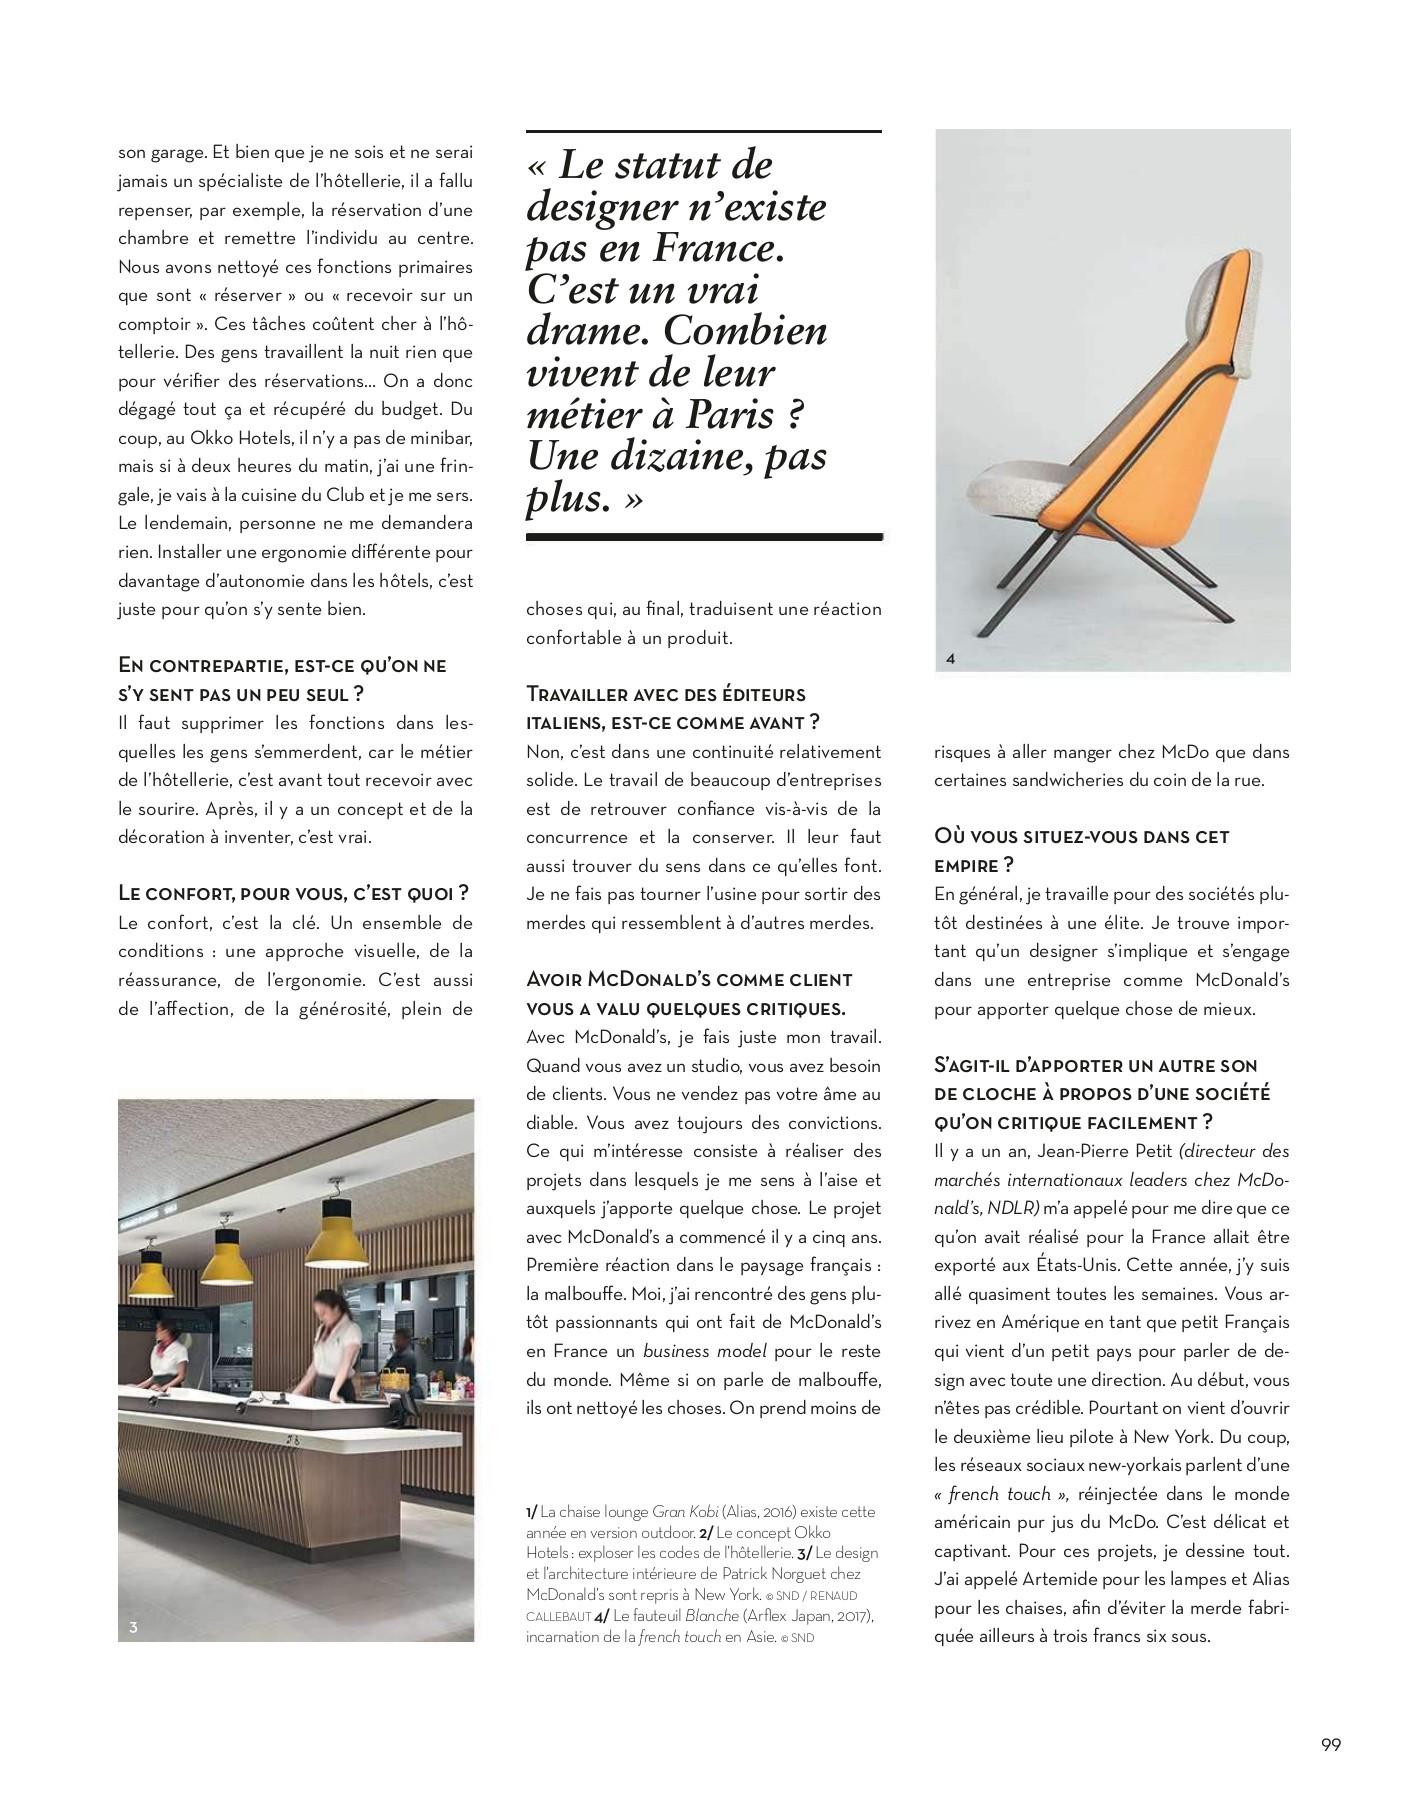 Tapissier D Ameublement Lorient ideat france__septembre-octobre_2017-flip book pages 101-150